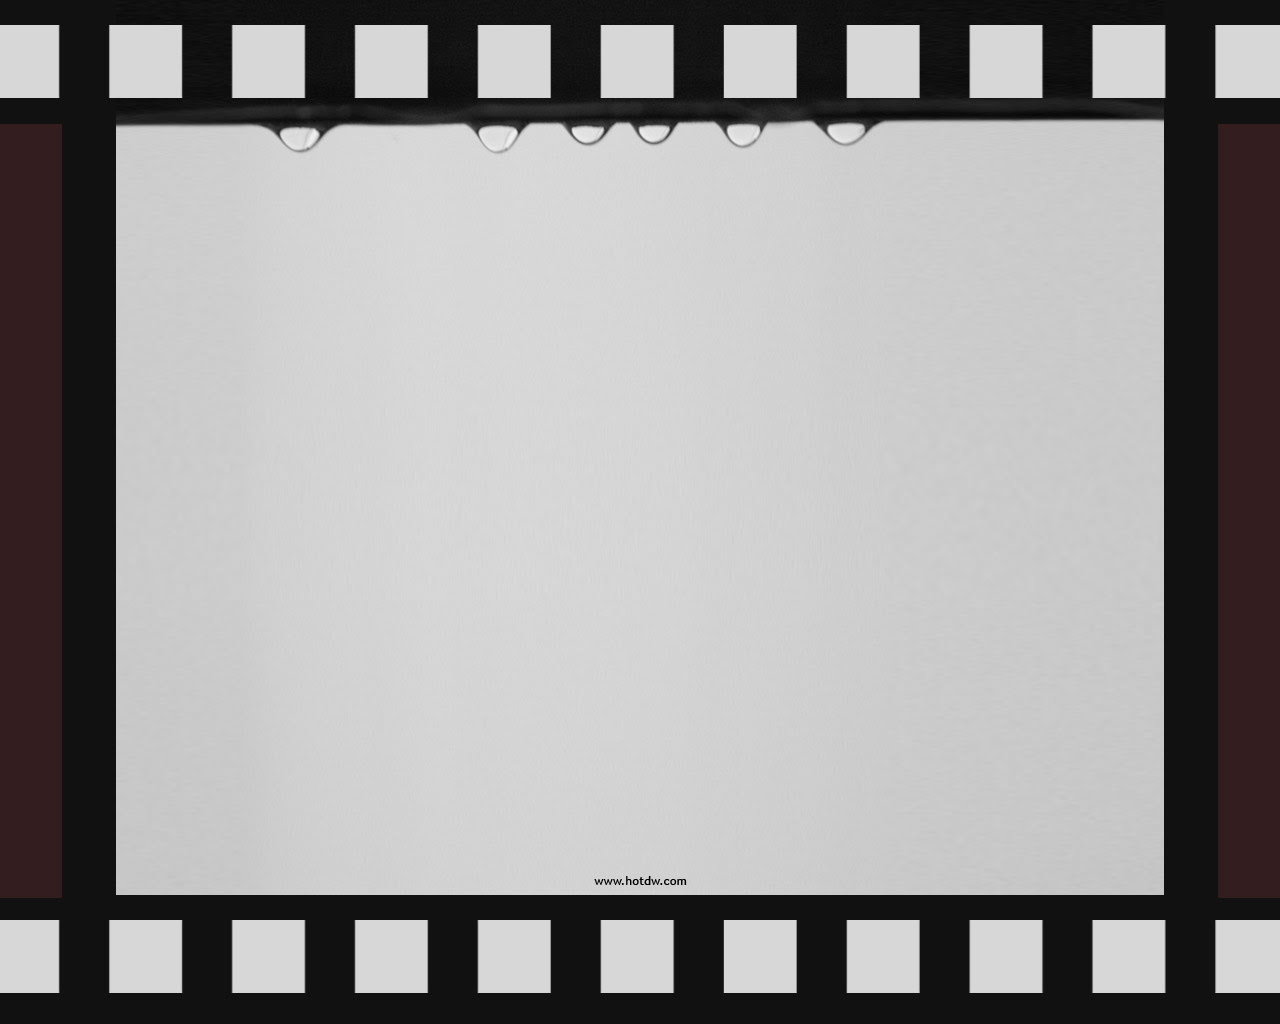 Unduh 106+ Background Ppt Film HD Terbaru